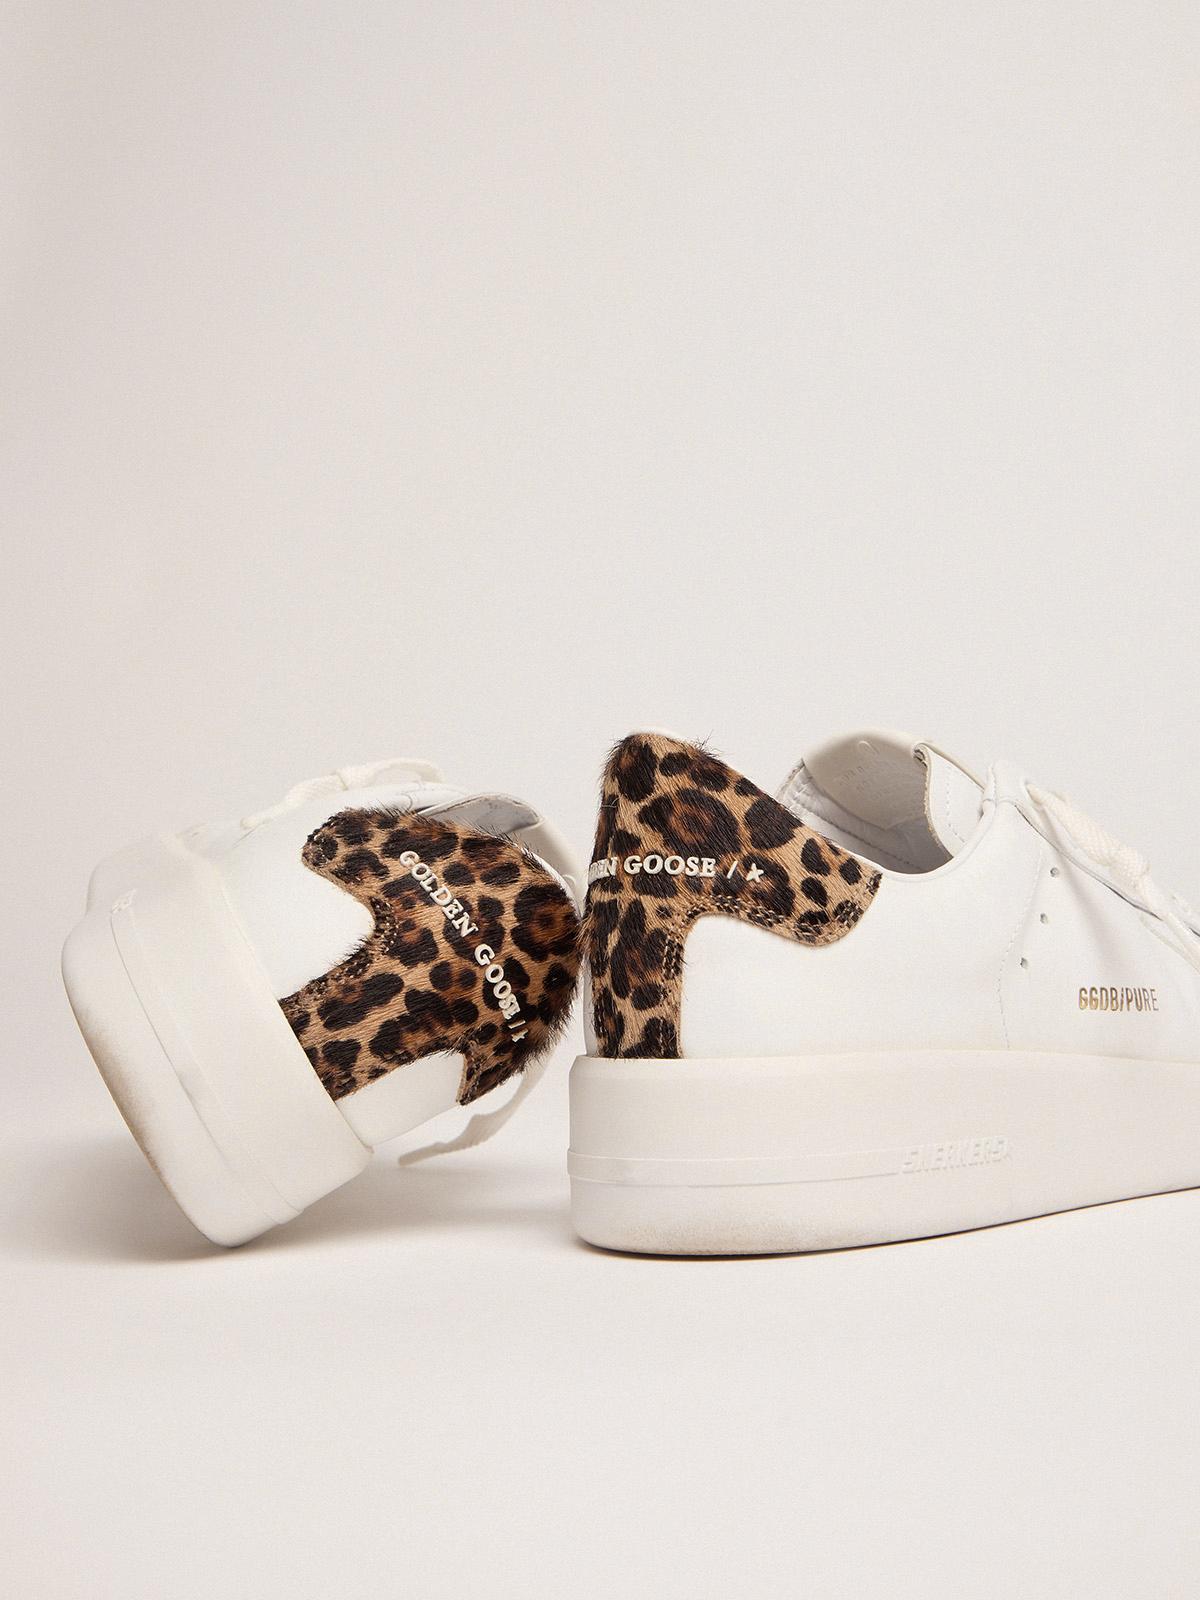 Golden Goose - Women's PURESTAR sneakers with leopard-print heel tab in